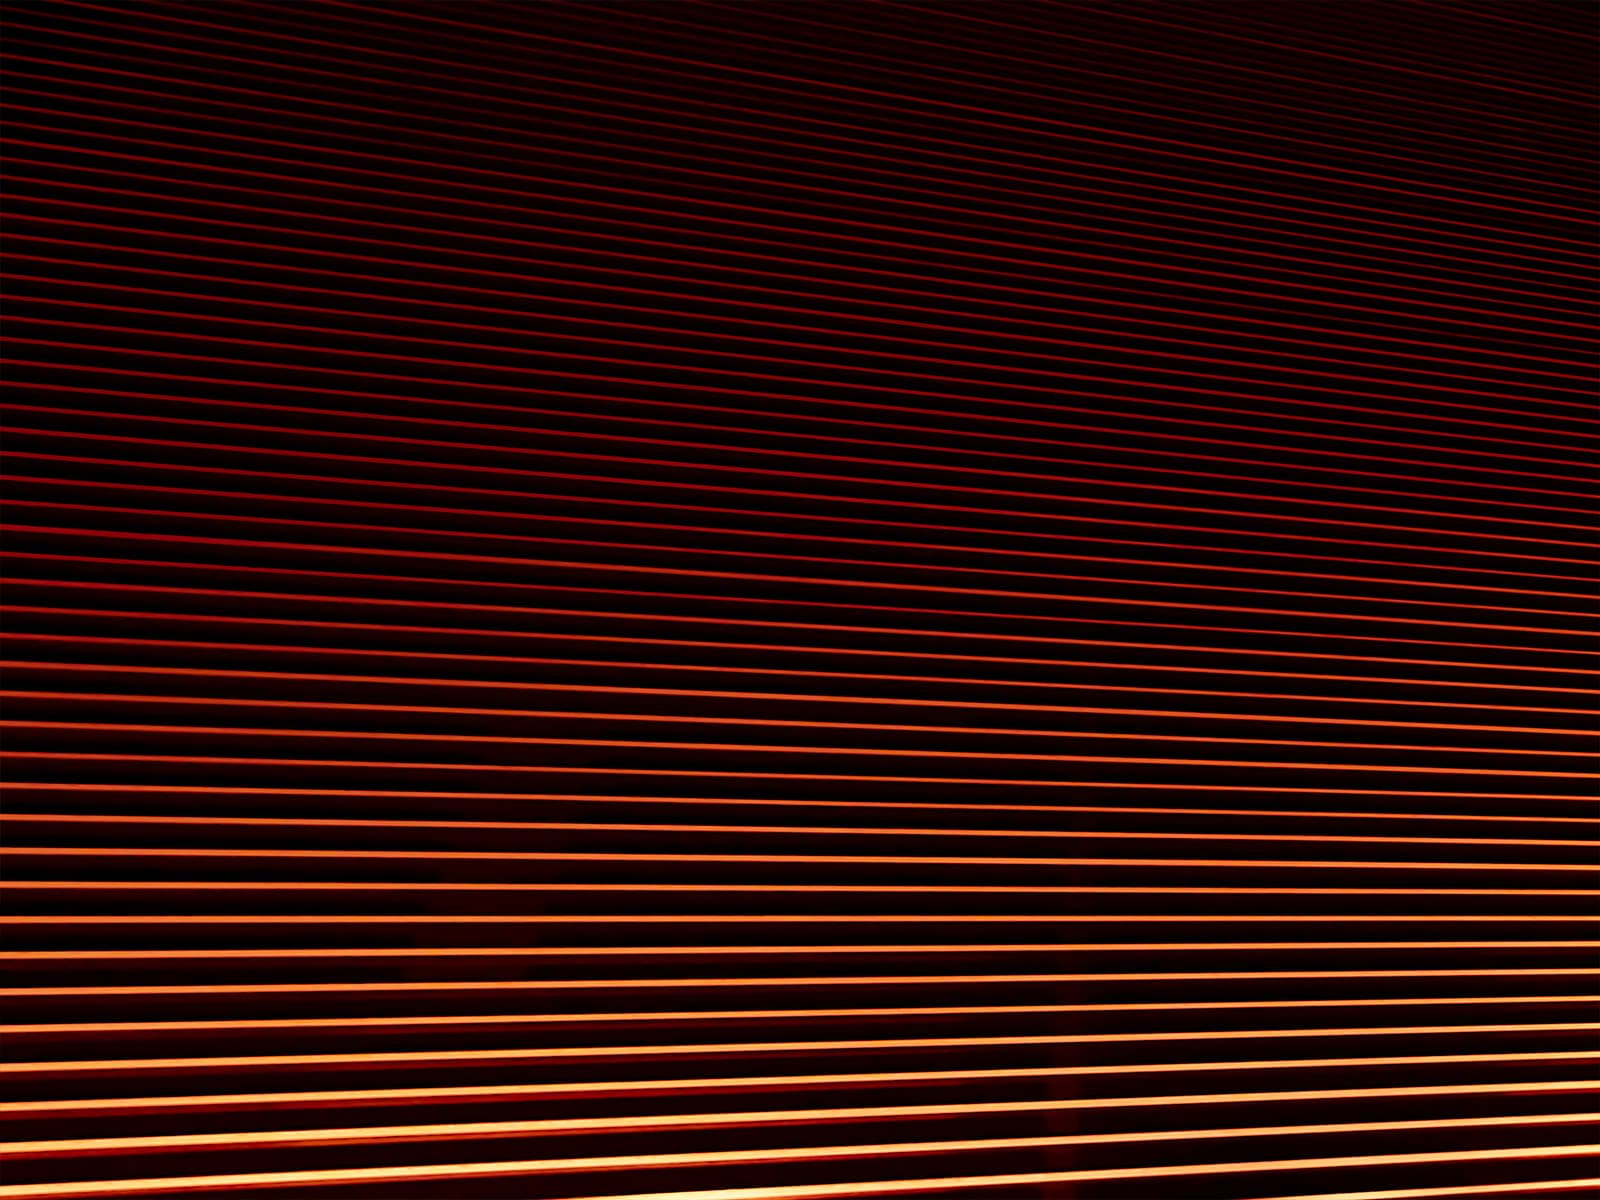 الخطوط الحمراء وتجربة المستخدم